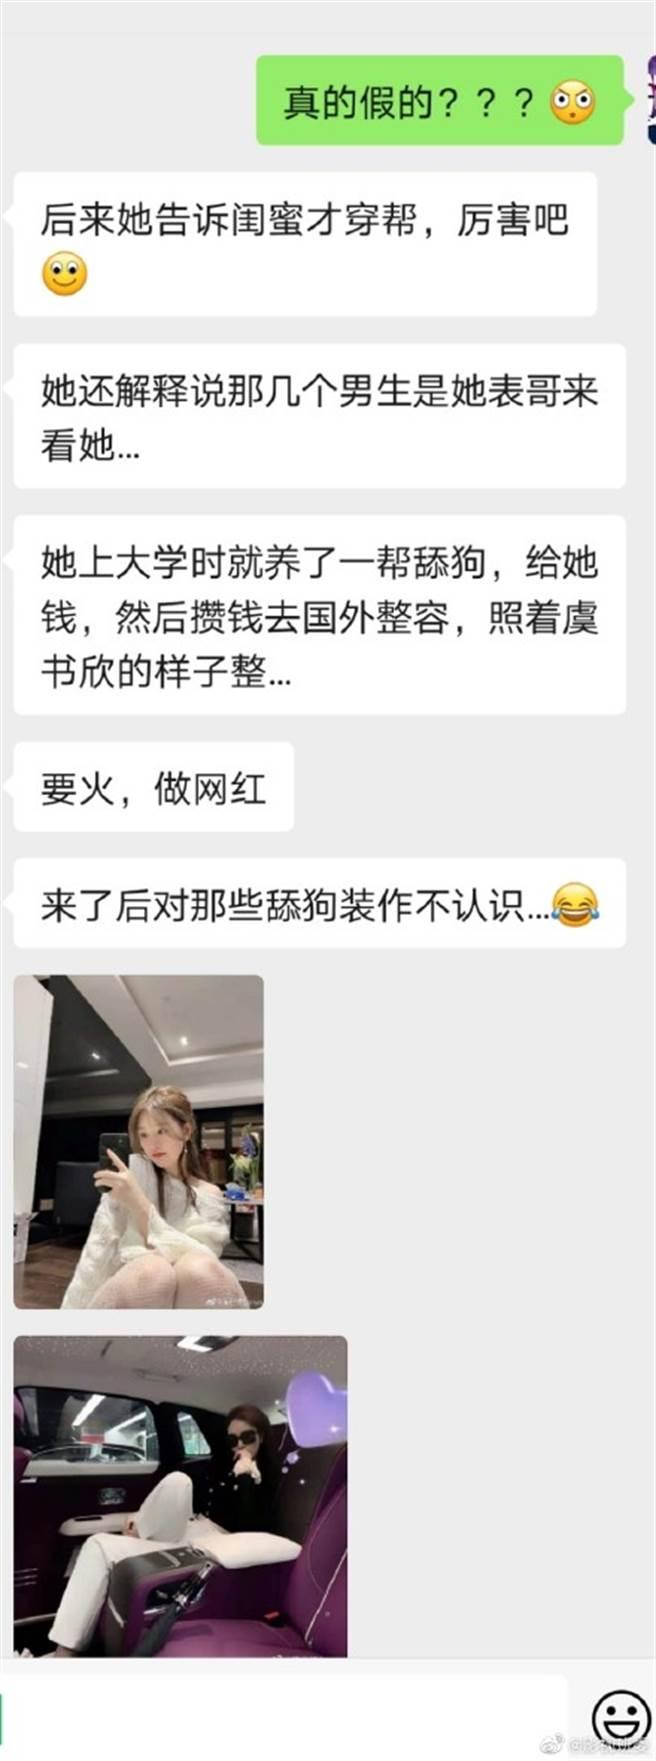 世妍的富二代男友揭开她的真面目。(图/微博)